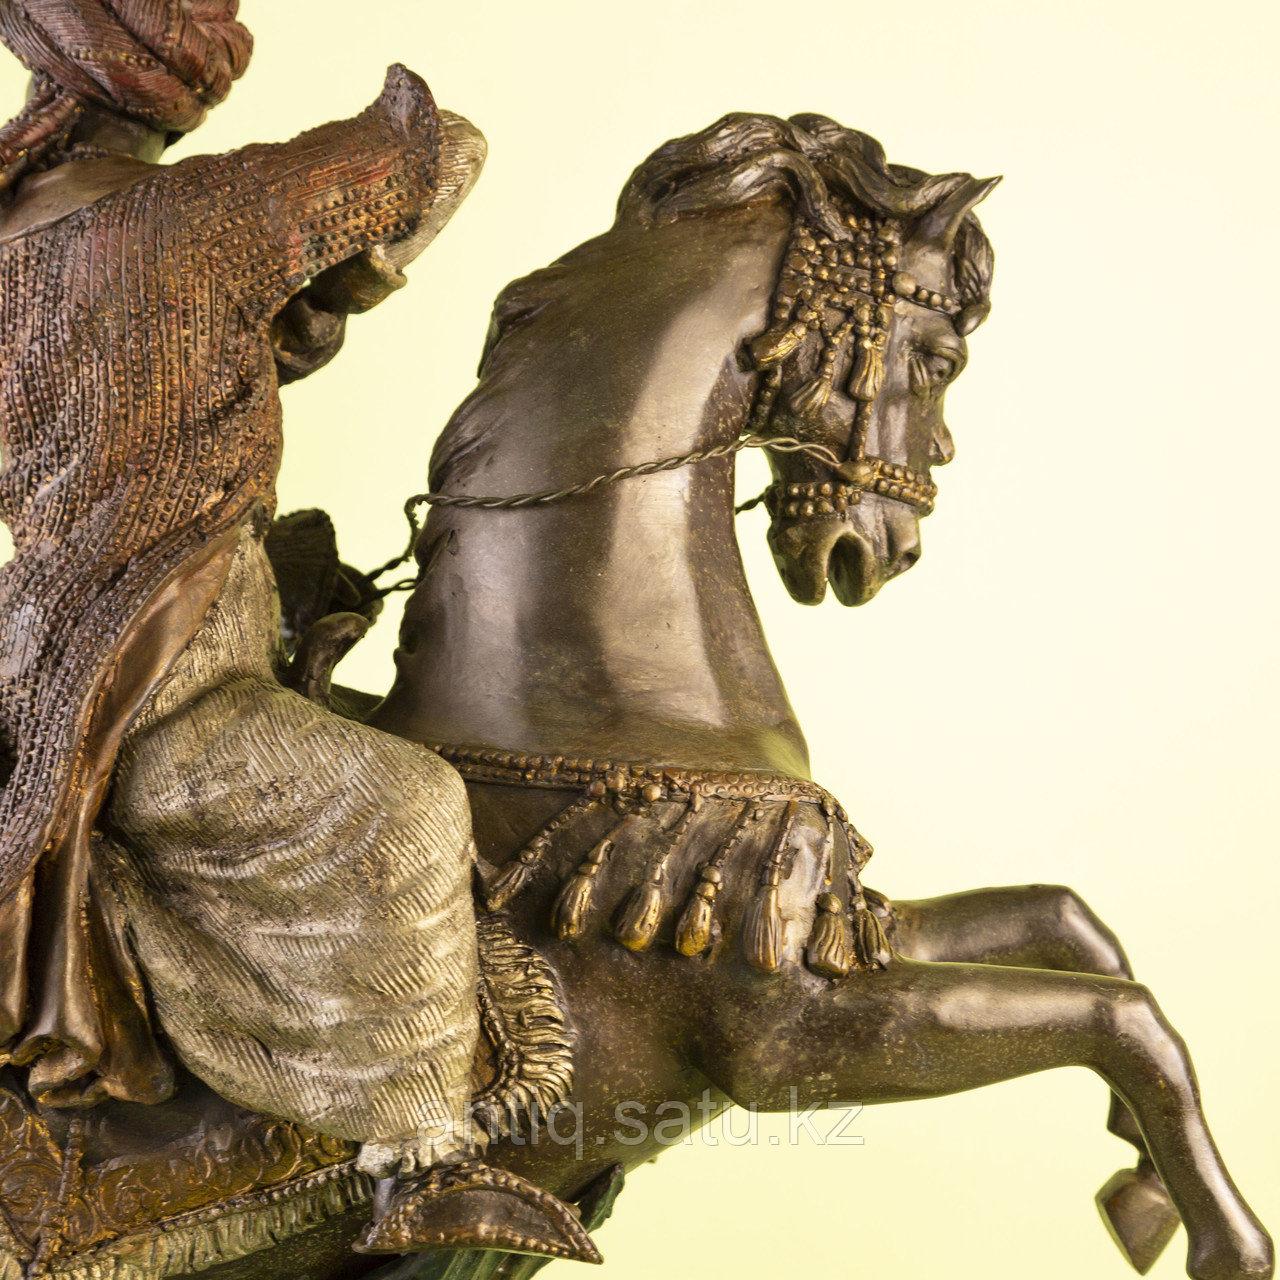 Кабинетная скульптура «Восточный воин» - фото 5